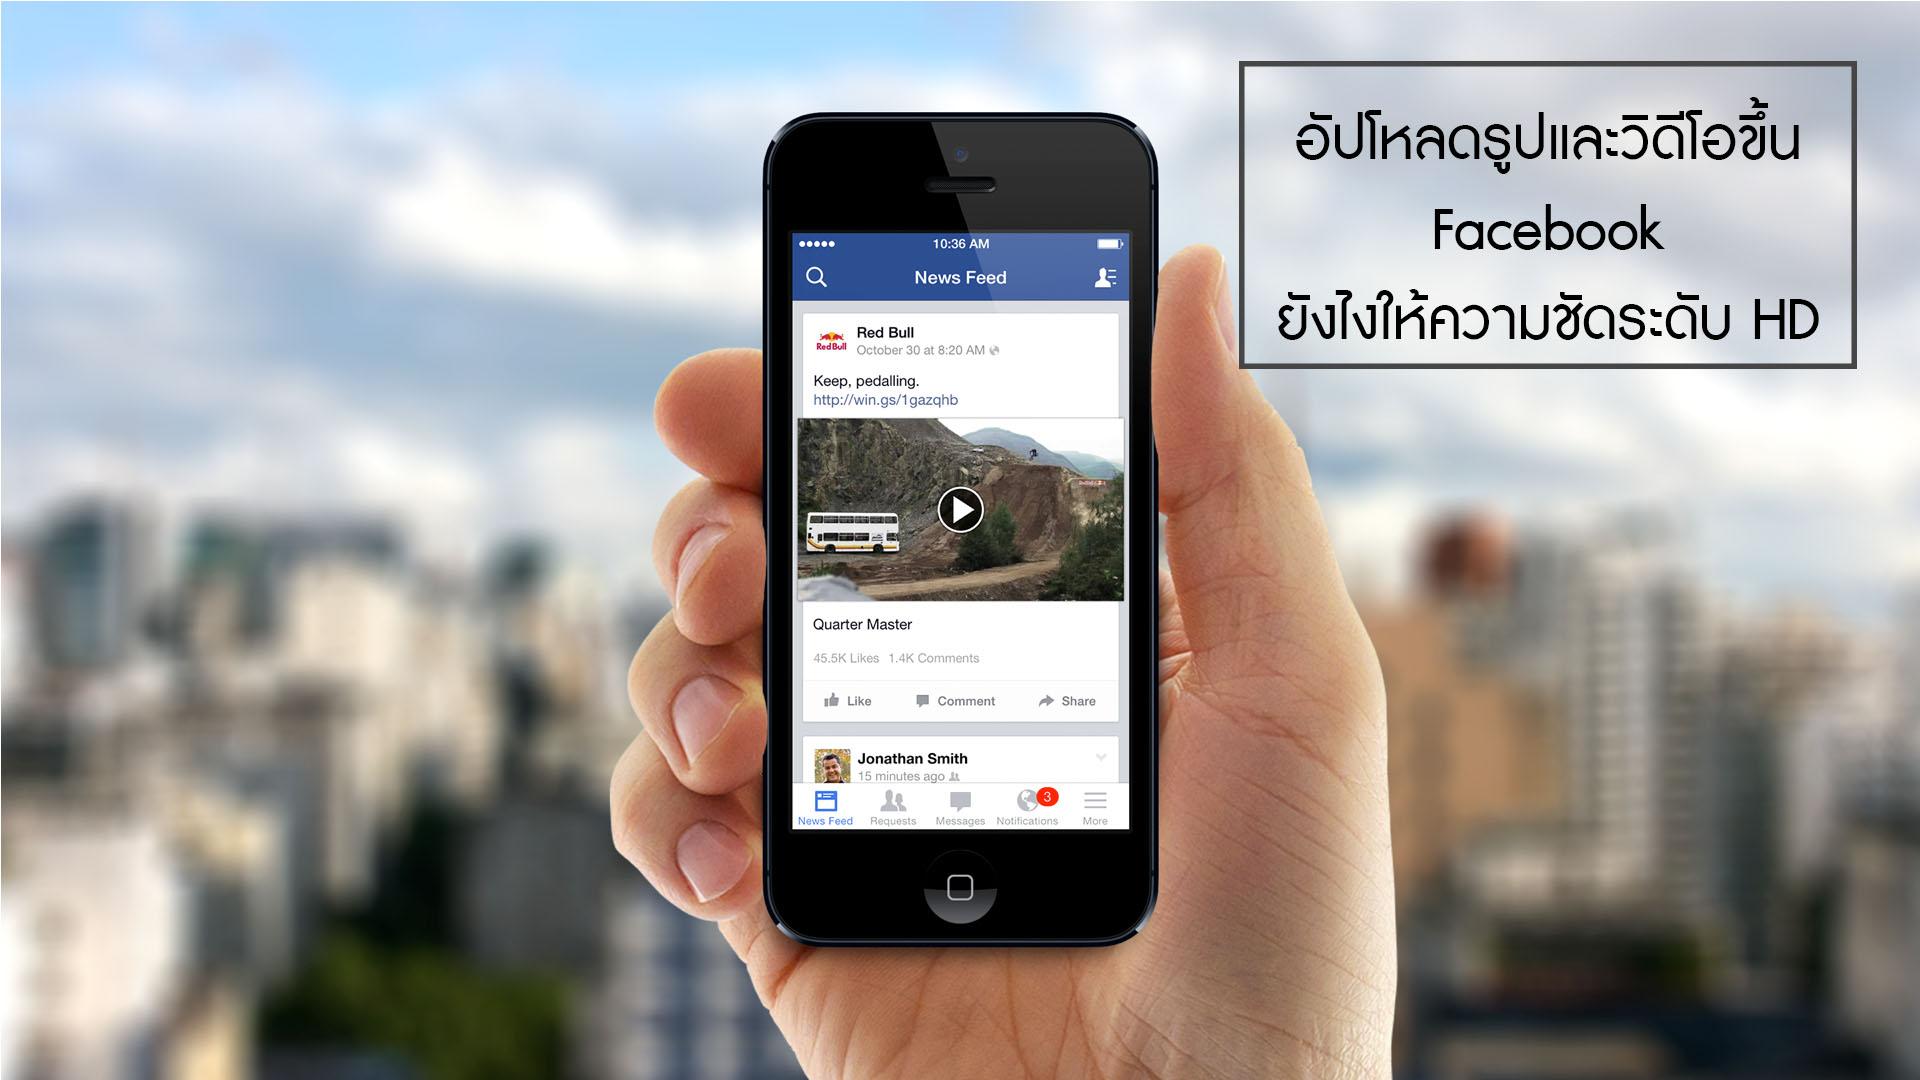 วิธีอัปโหลดรูปและวิดีโอขึ้น Facebook ยังไงให้ความชัดระดับ HD